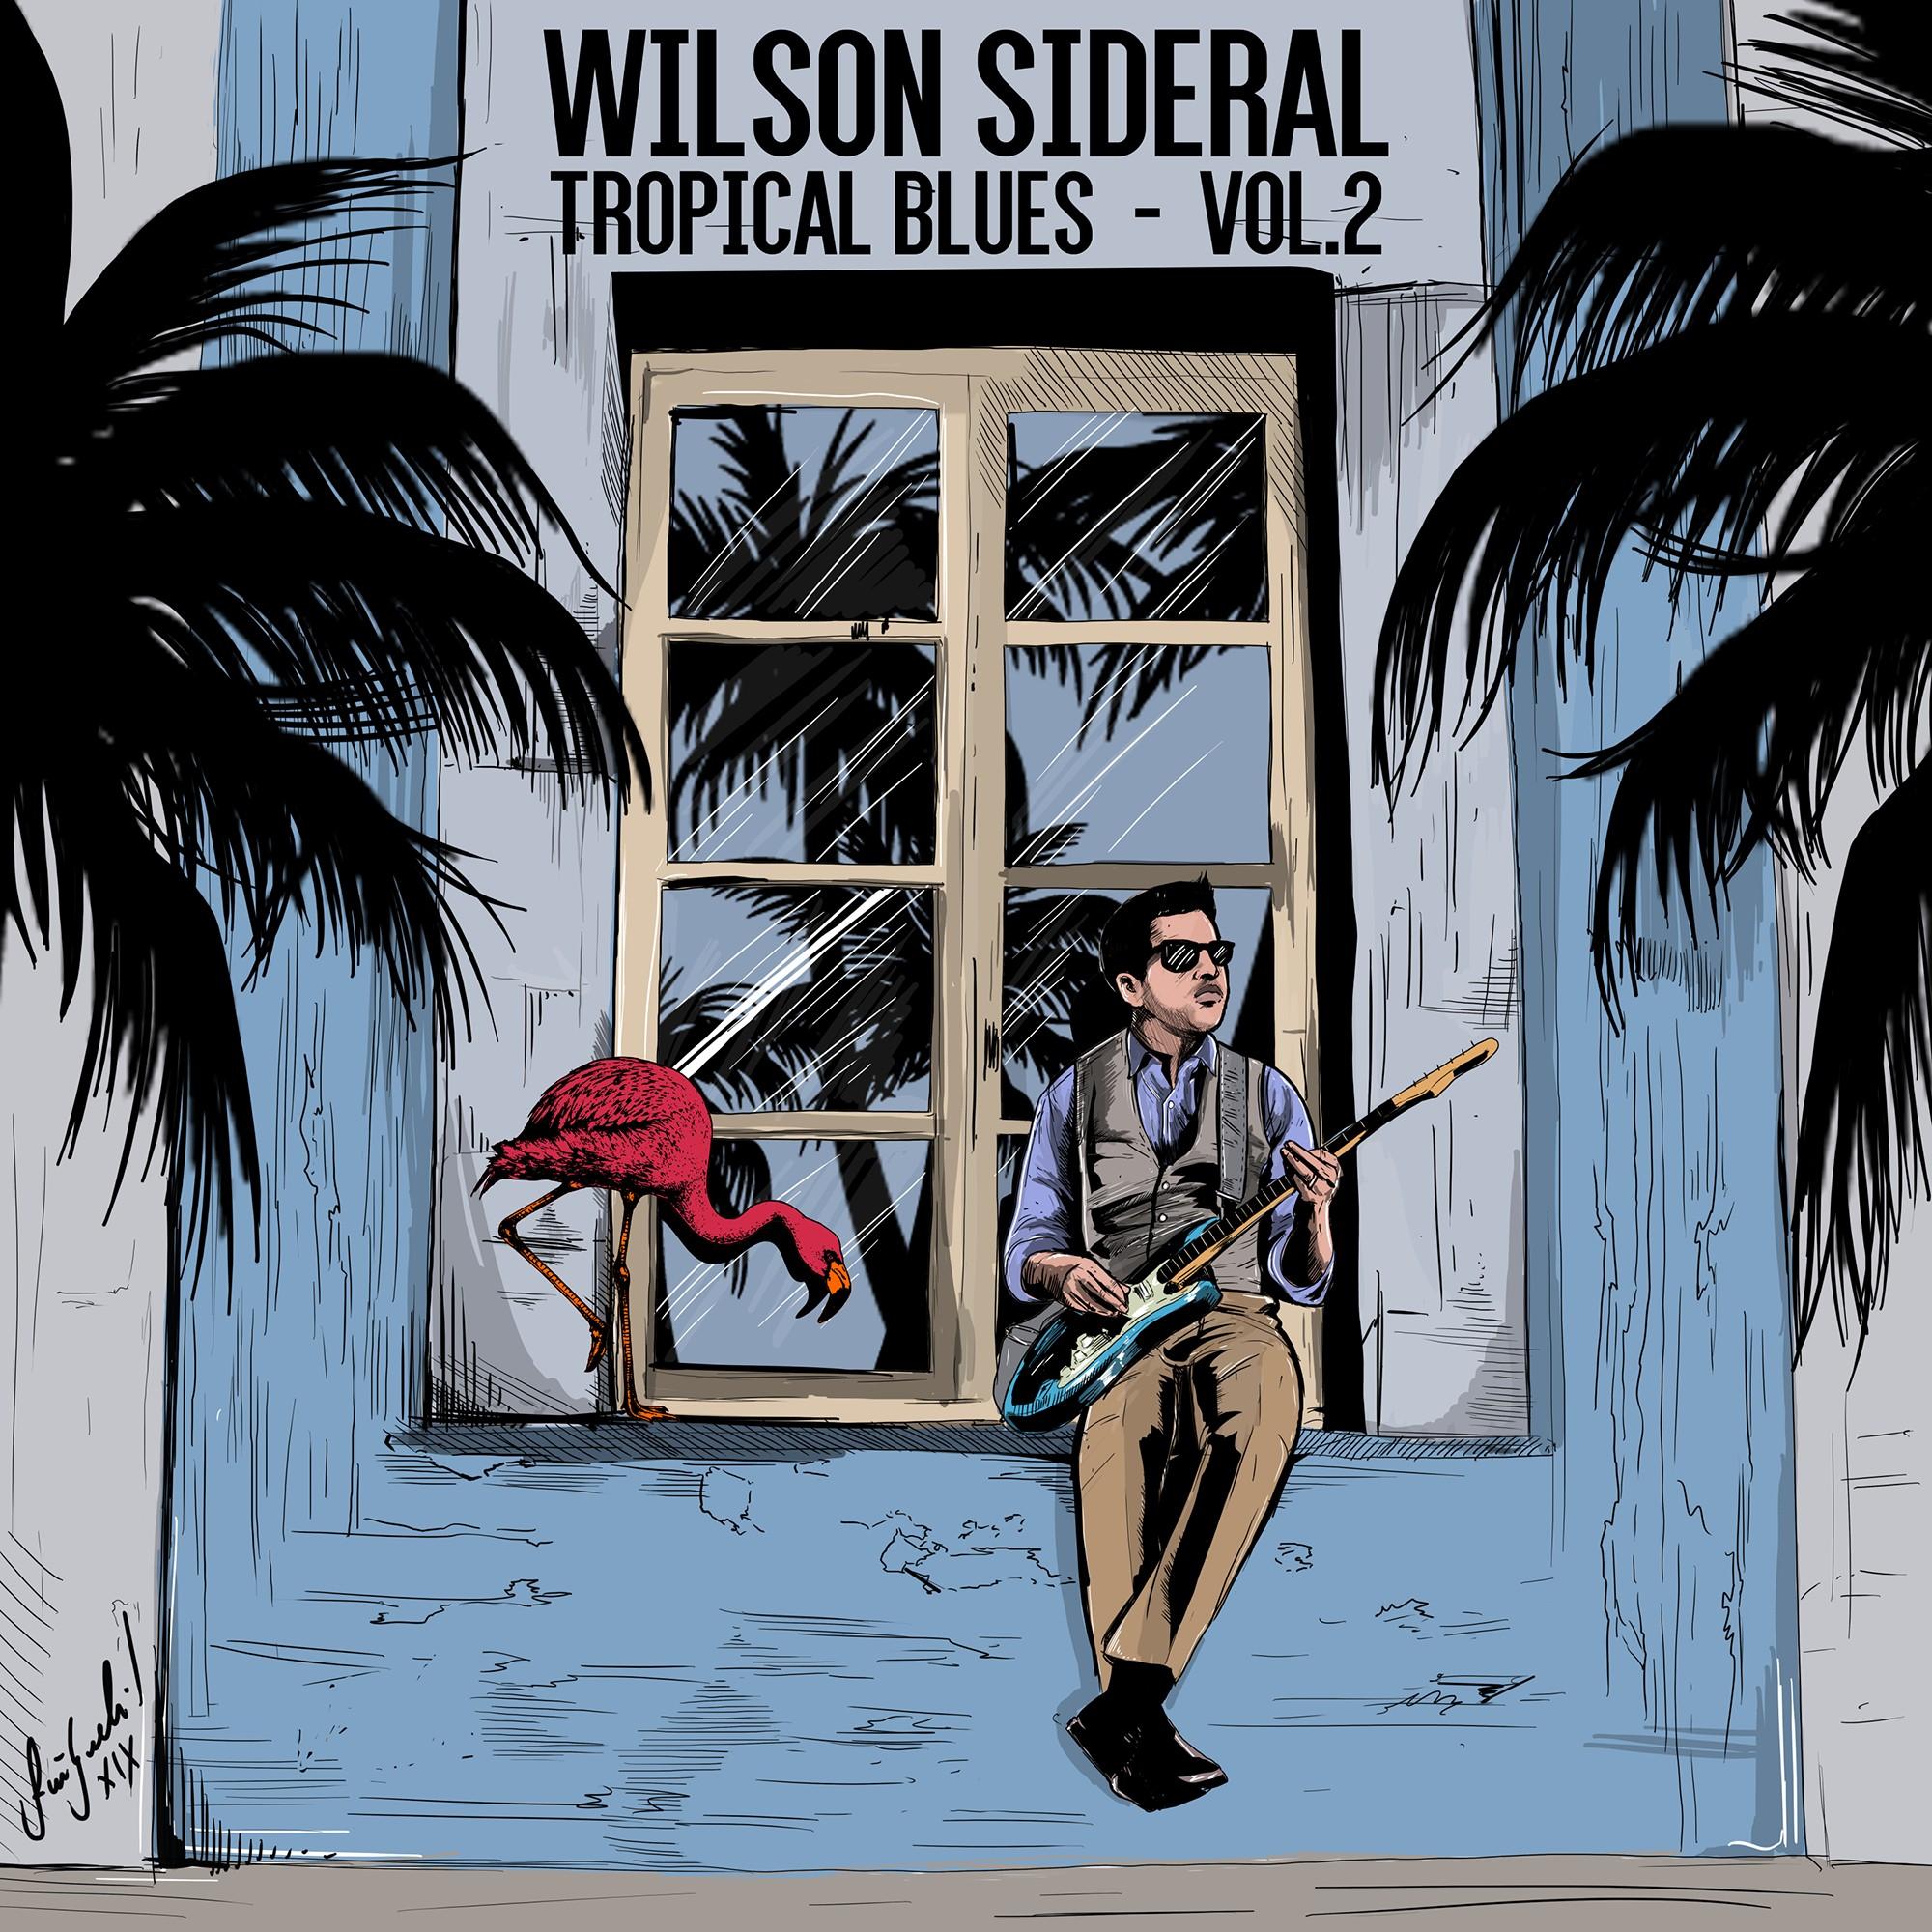 Wilson Sideral pousa na 'sopa' de Raul Seixas com o tempero do blues